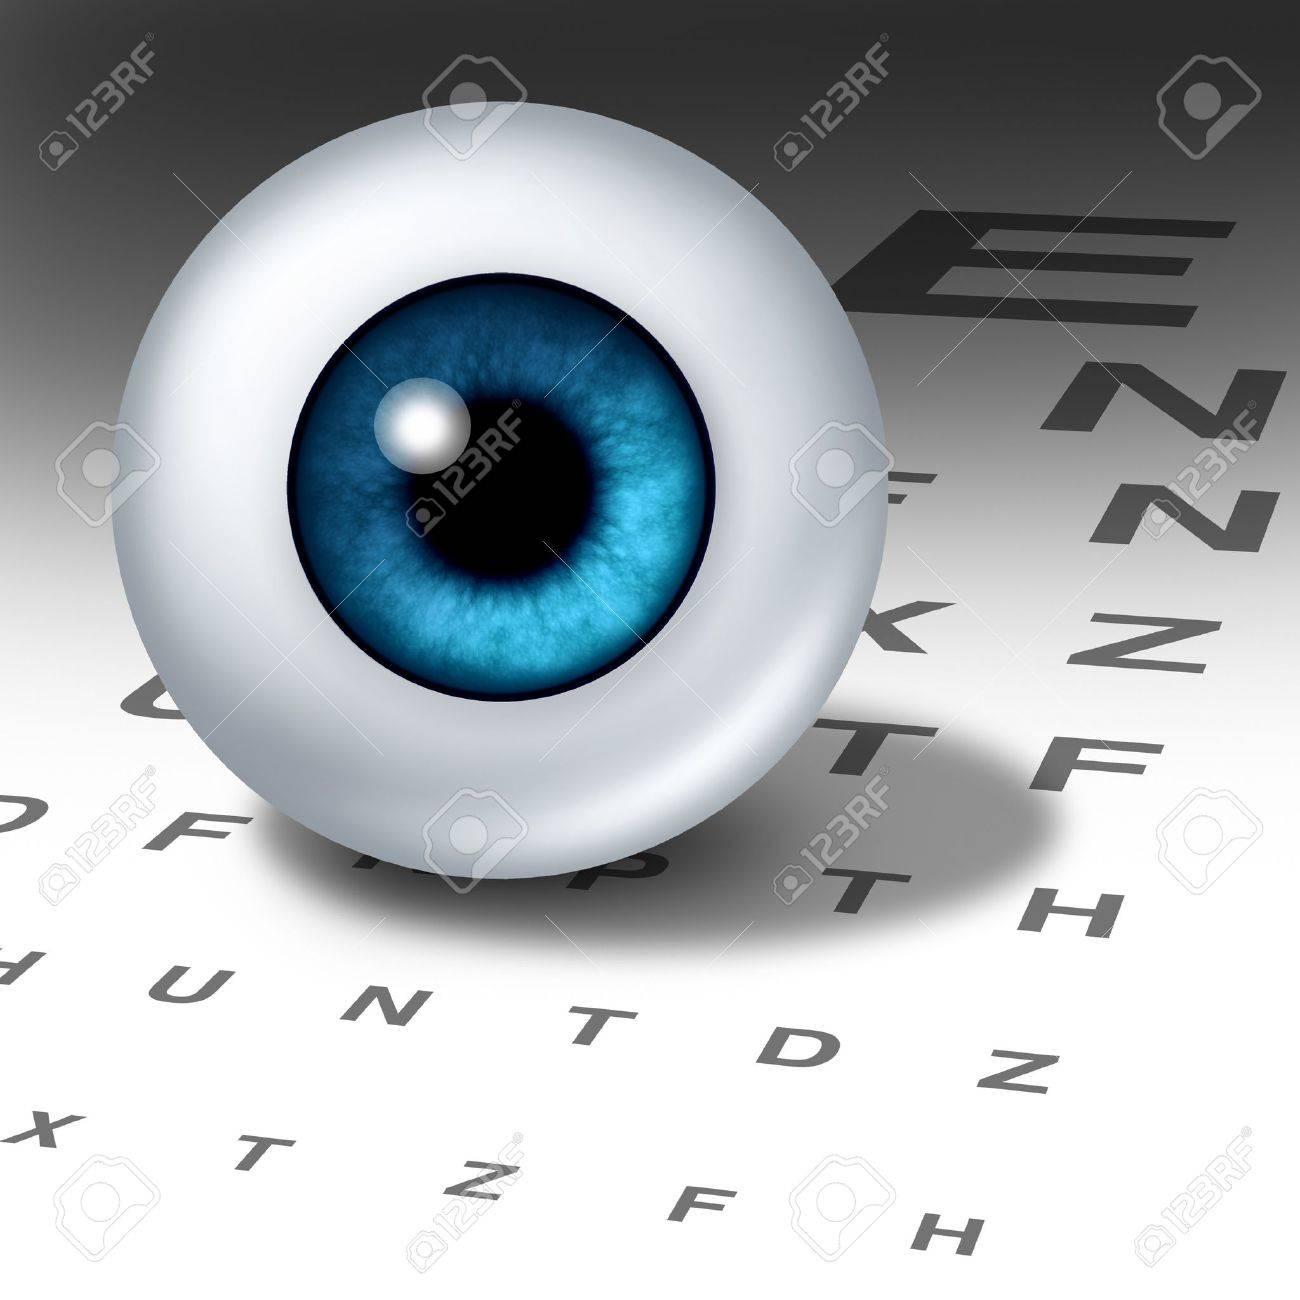 Vision Und Sehvermögen Für Gesunde Augen Mit Guten Augen-Fokus Mit ...